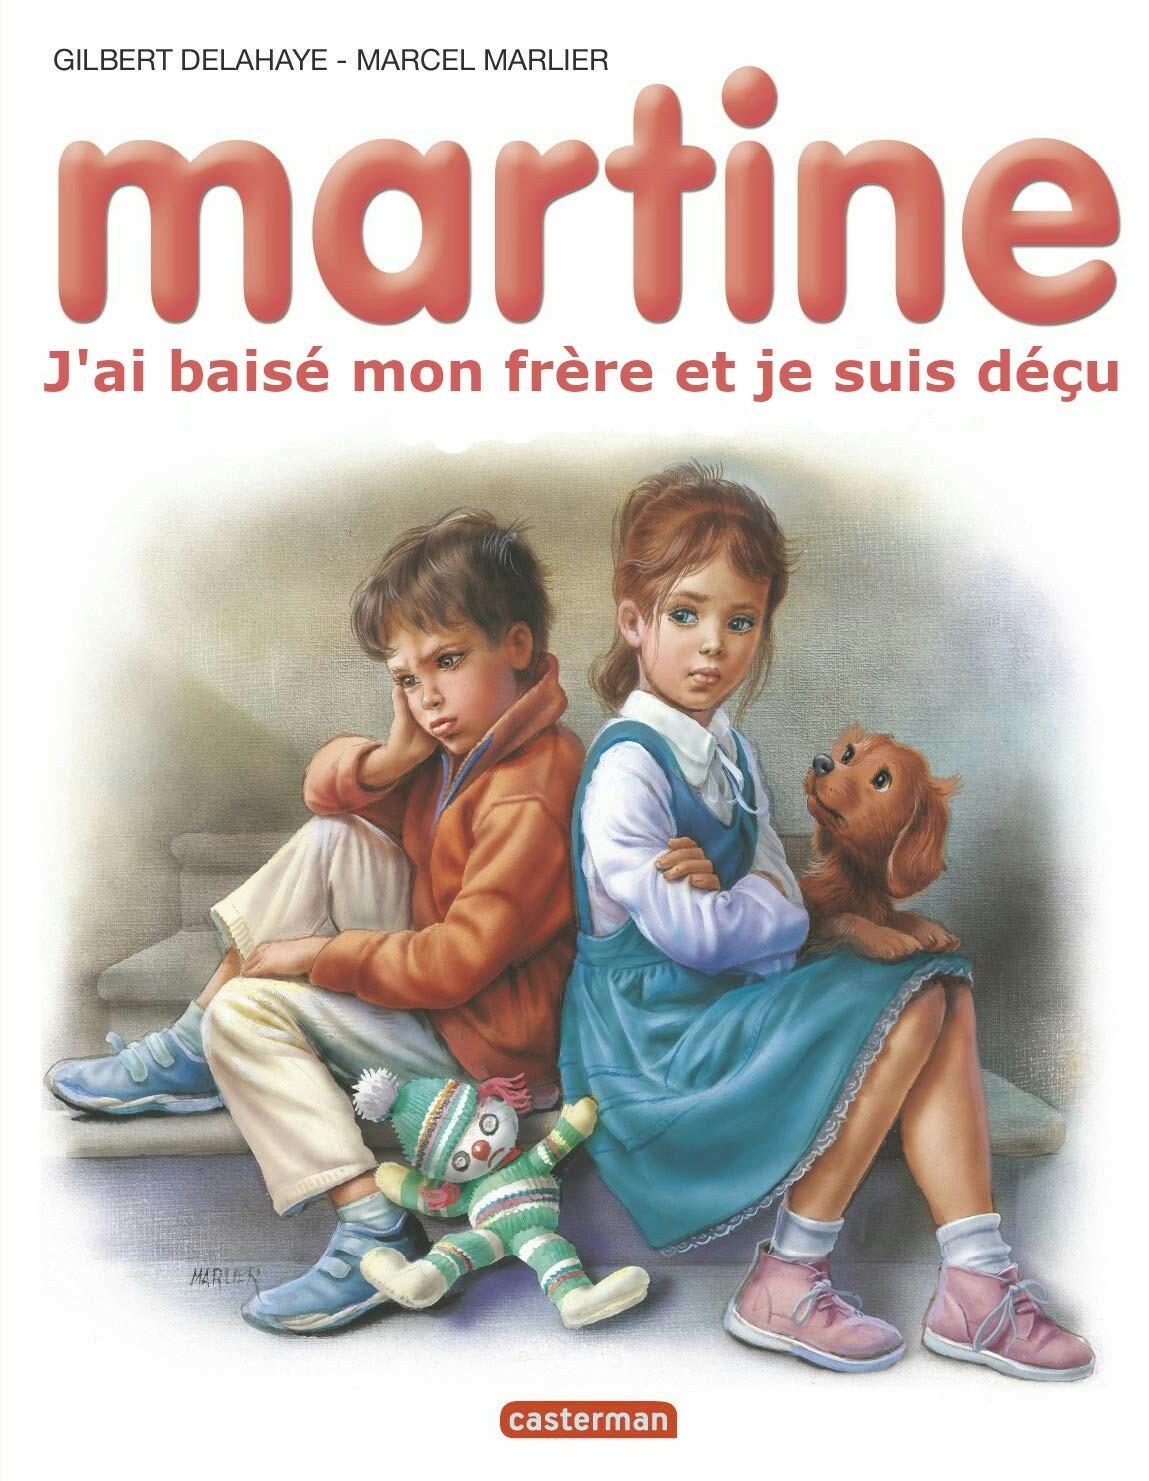 Ah le Nord de la France - meme